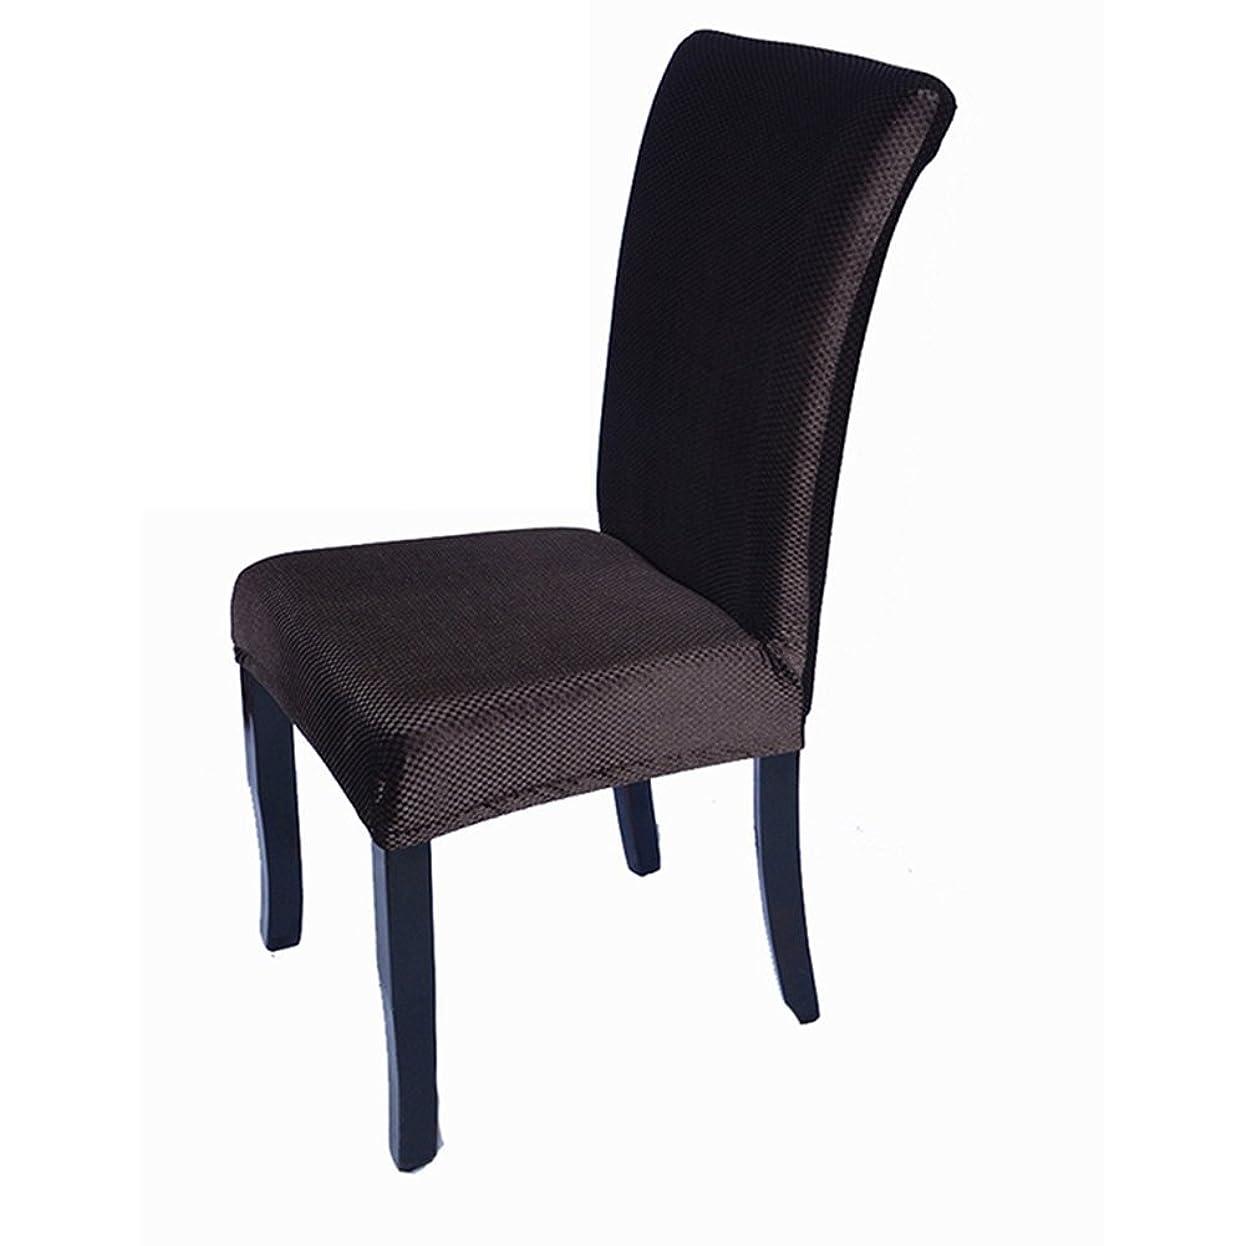 スリットしかし適合するUmora 椅子カバー チェアカバー フルカバー 業務用 ホテル 家庭用 丸洗いOK 伸縮素材 (ローバック ブラウン)